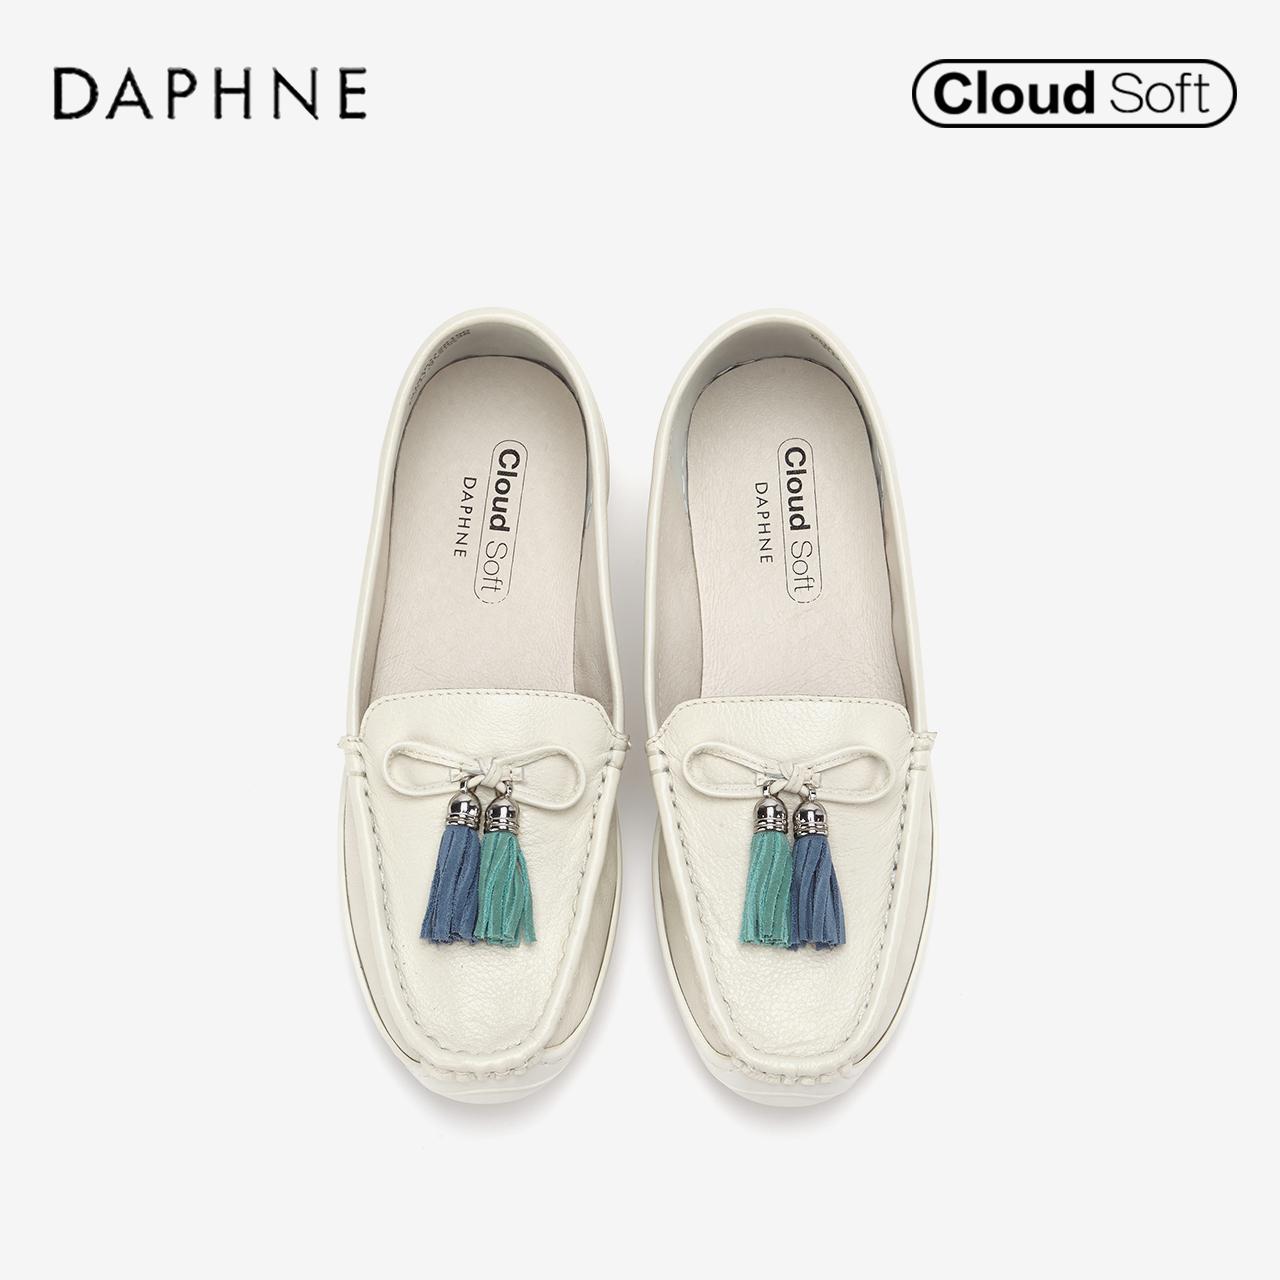 春新款文艺气质随姓牛皮流苏云软乐福鞋单鞋女 2019 达芙妮 Daphne